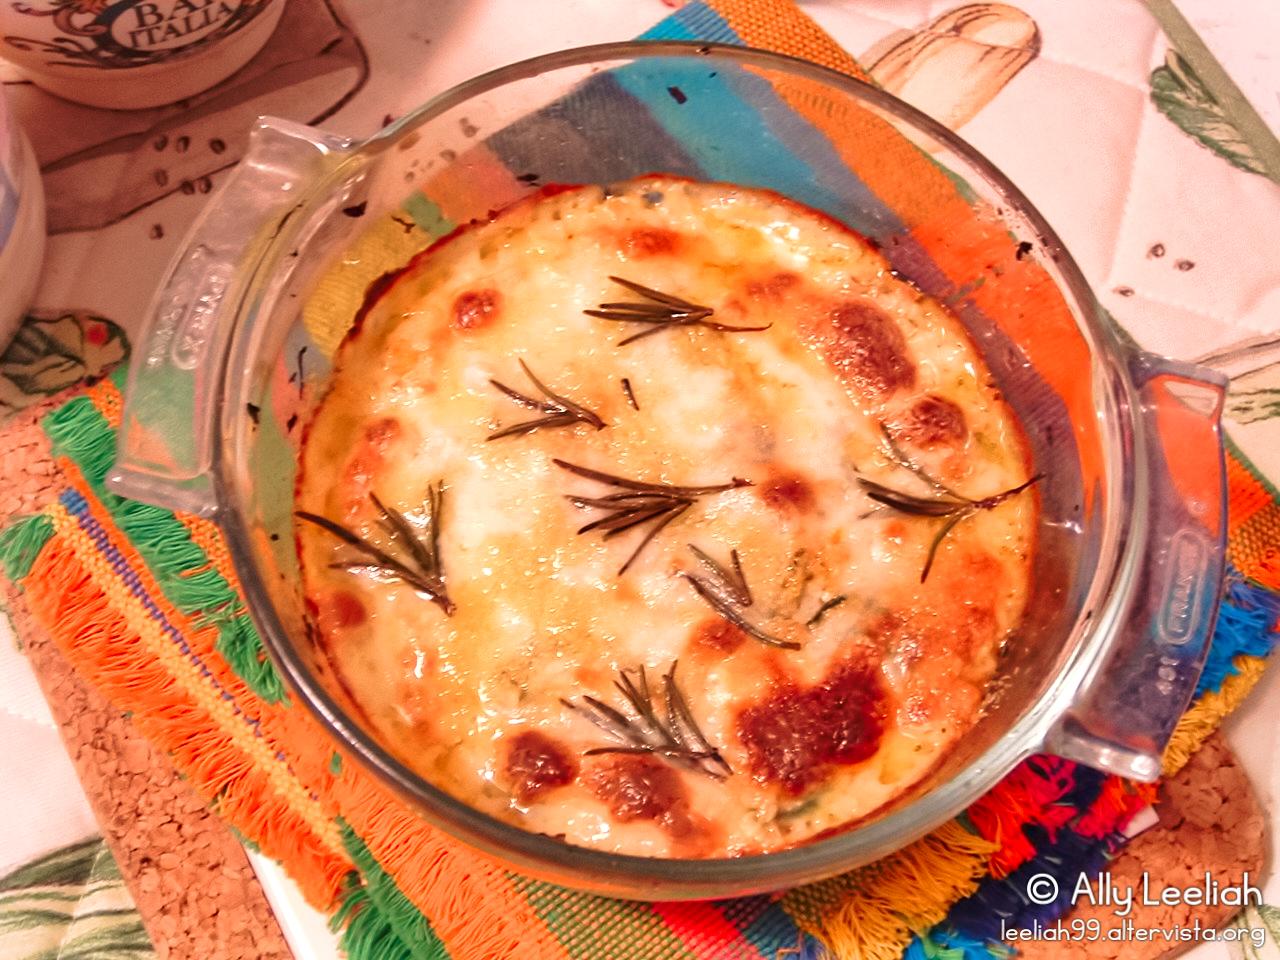 Tortininino © leeliah99.altervista.org